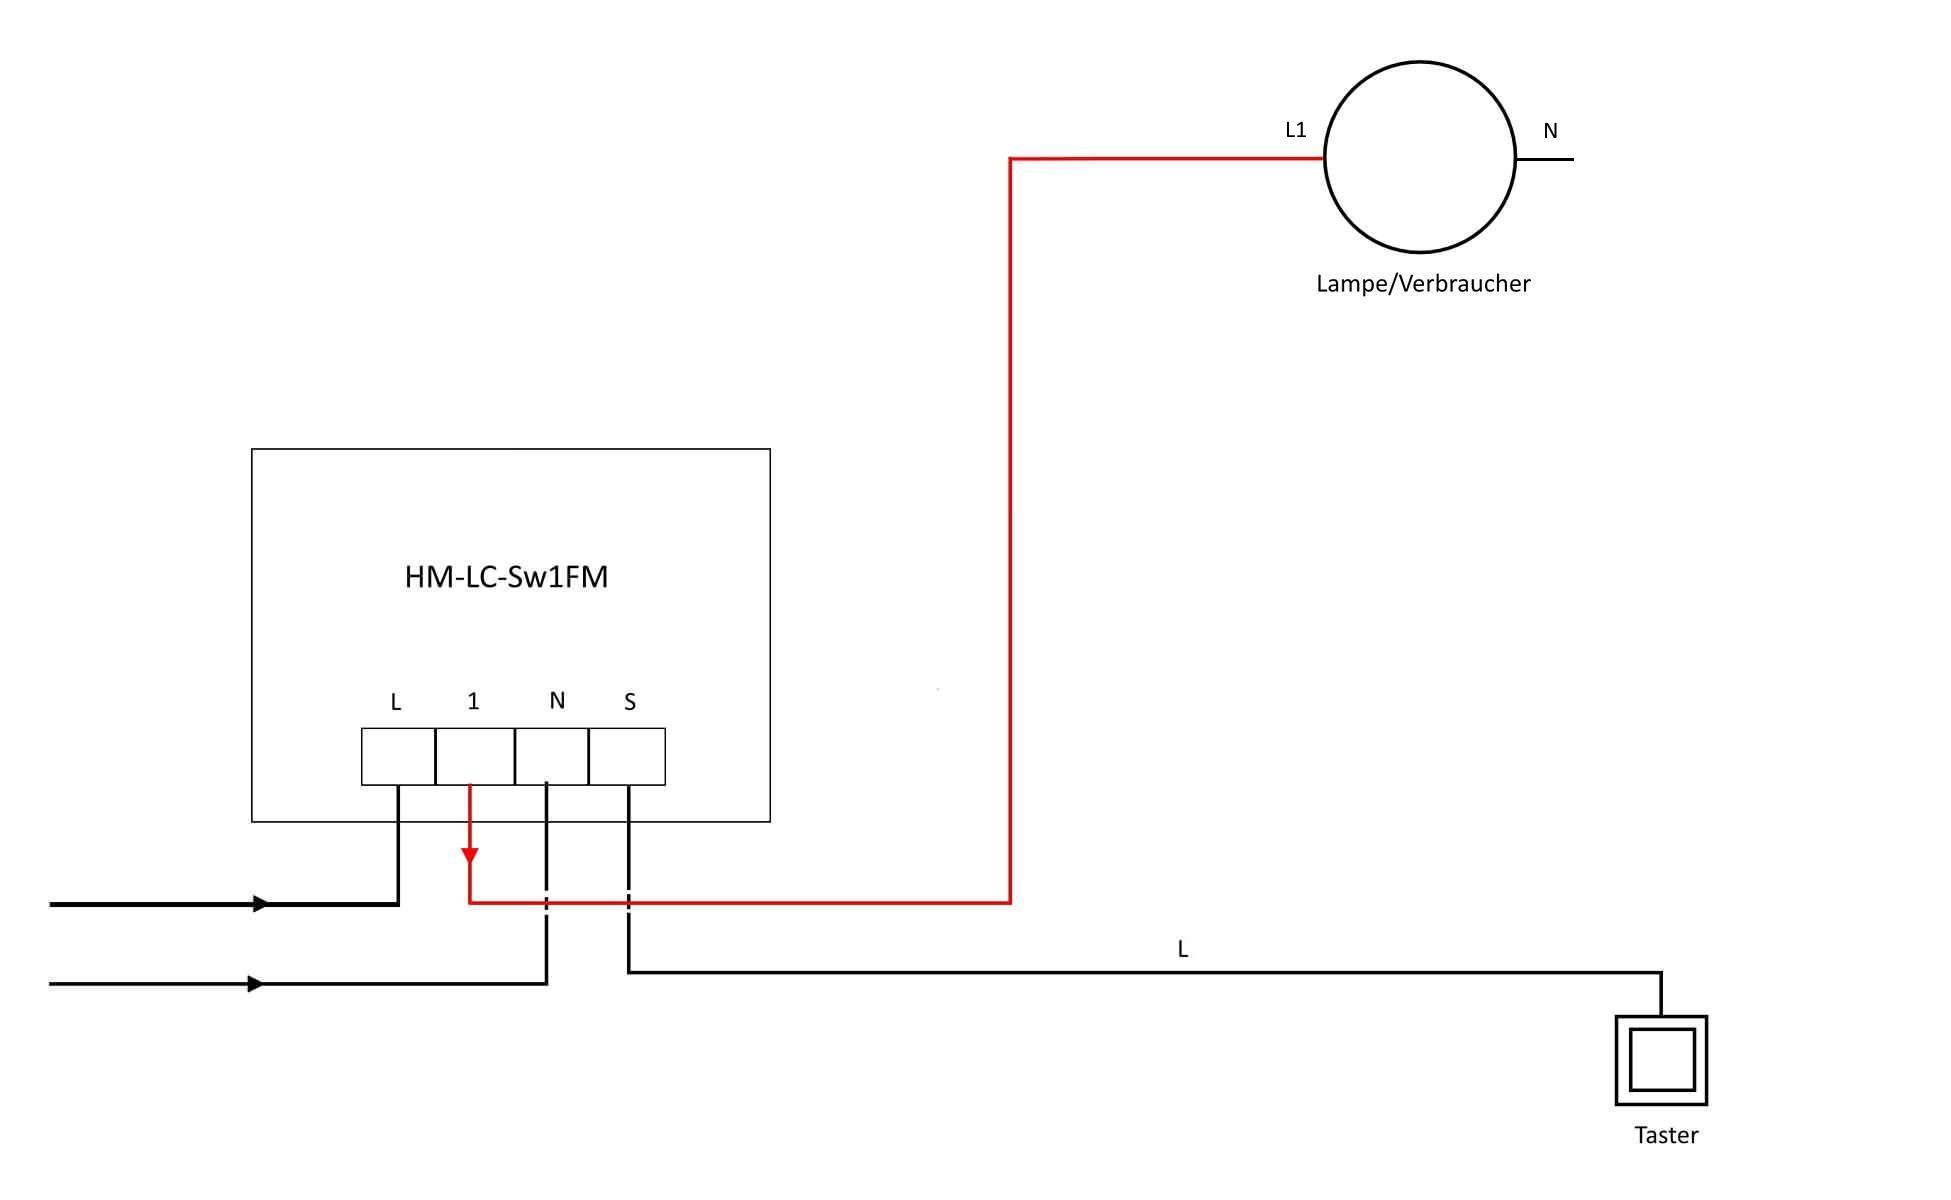 Ungewöhnlich Verkabelung Lichter Mit Zwei Schaltern Ideen ...